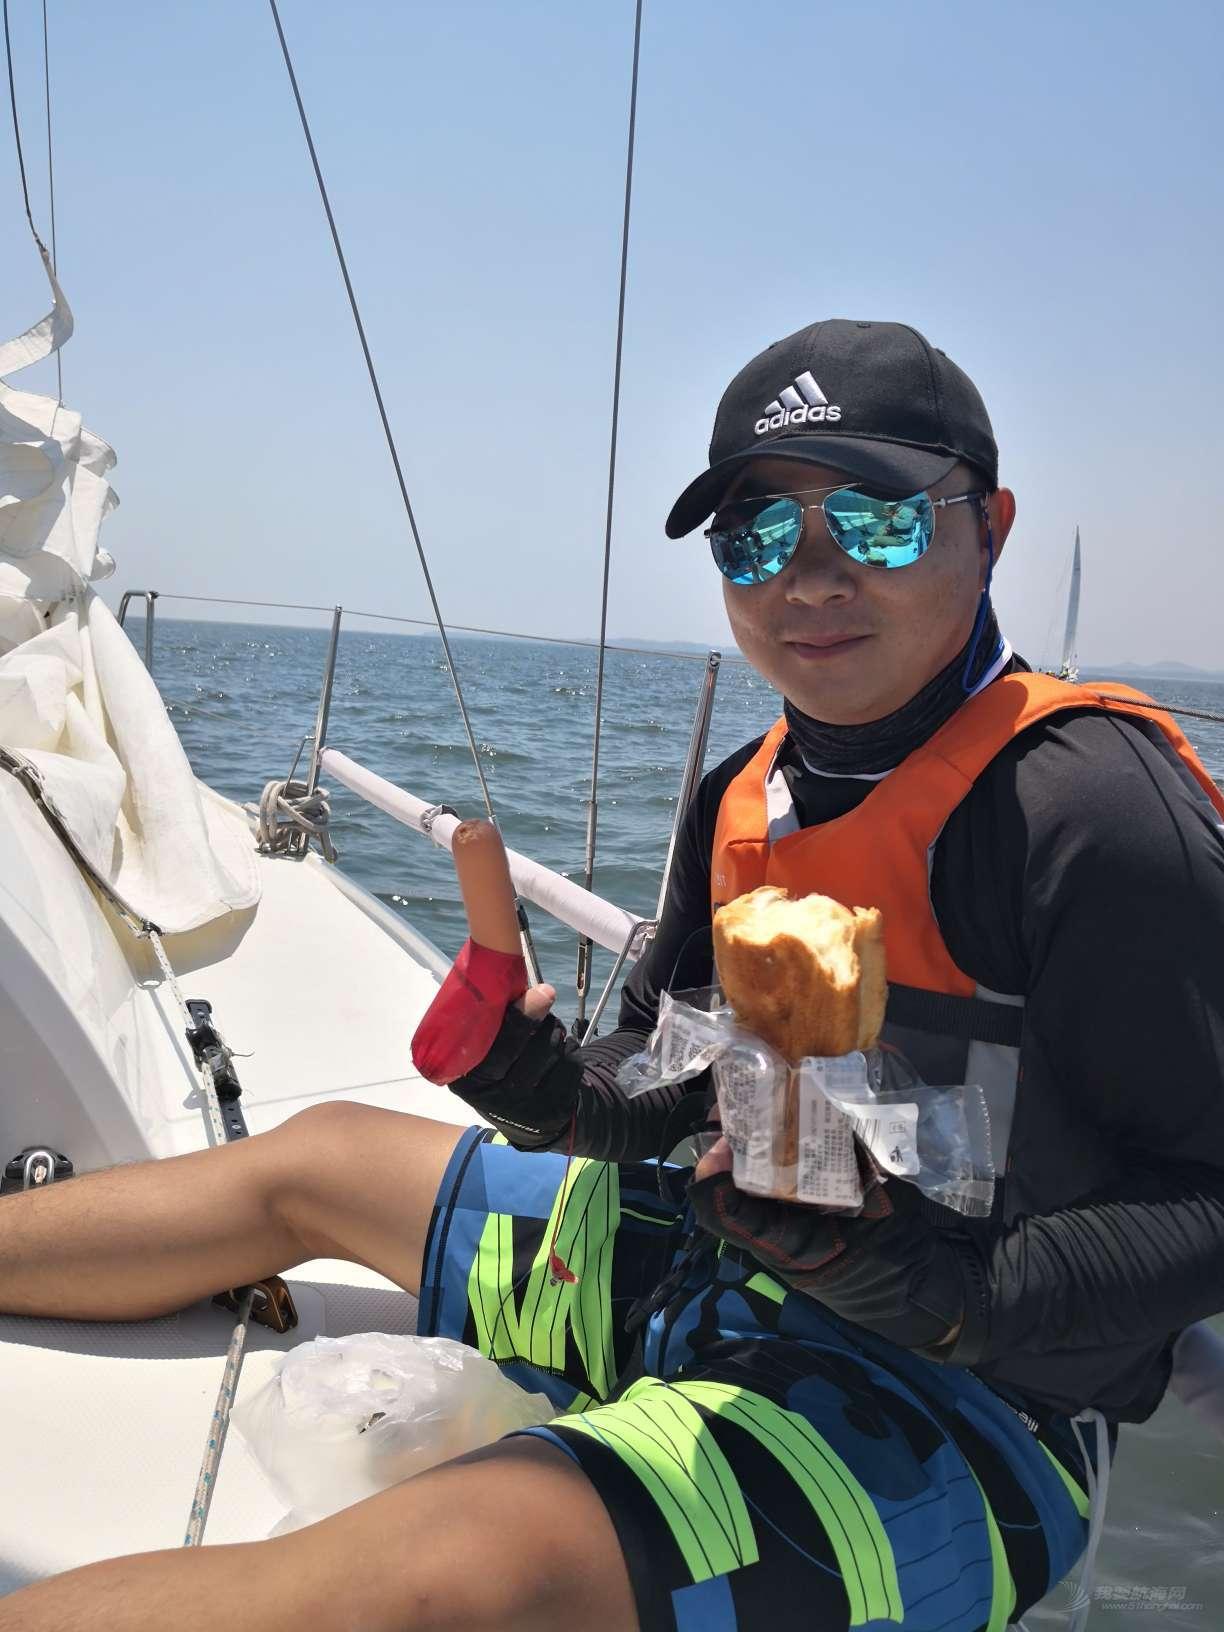 帆船菜鸟之赛事初体验